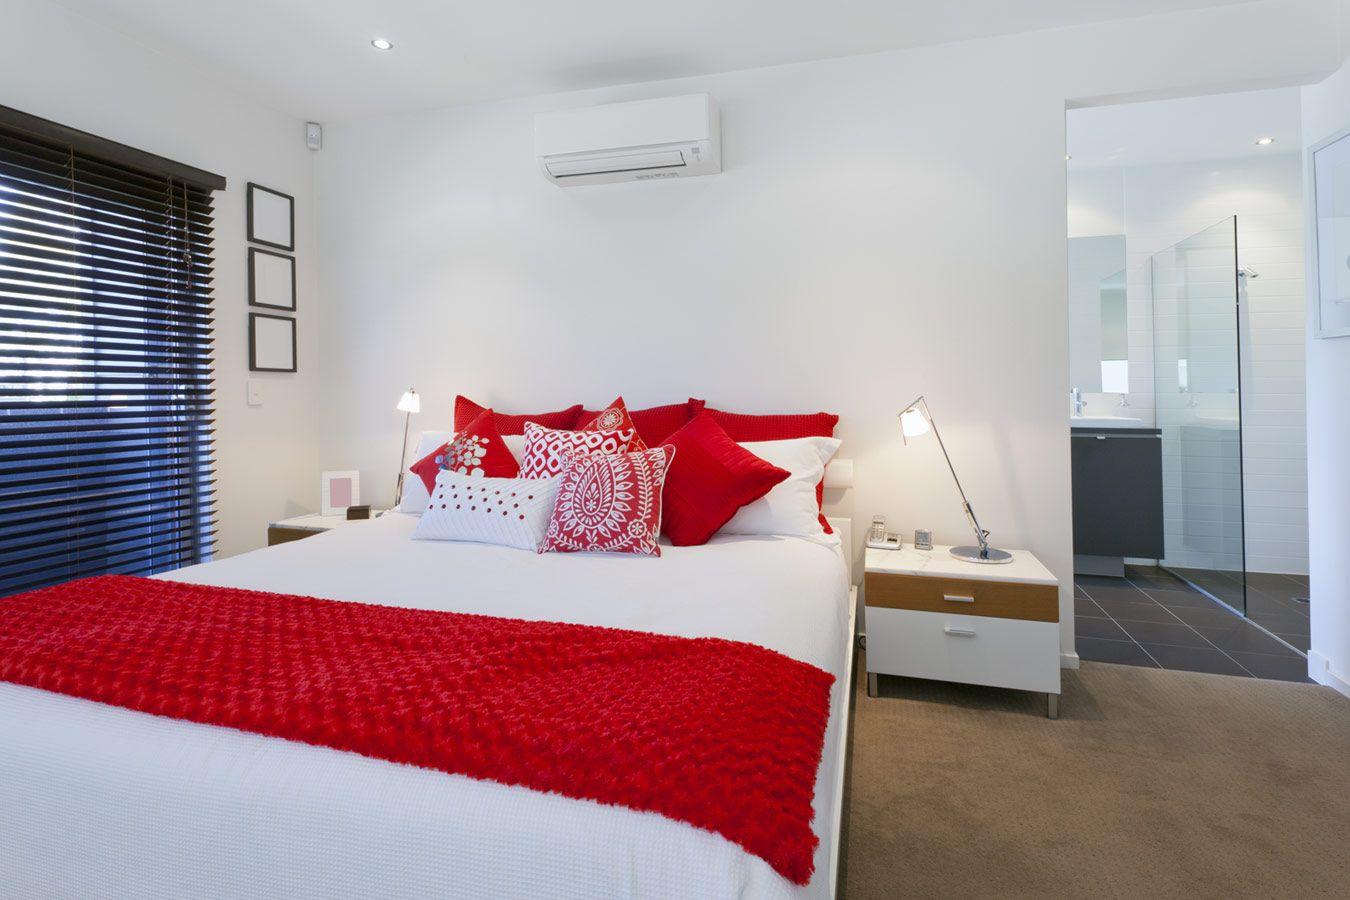 Slaapkamer met badkamer - Slaapkamer ideeën | slaapkamer idees ...